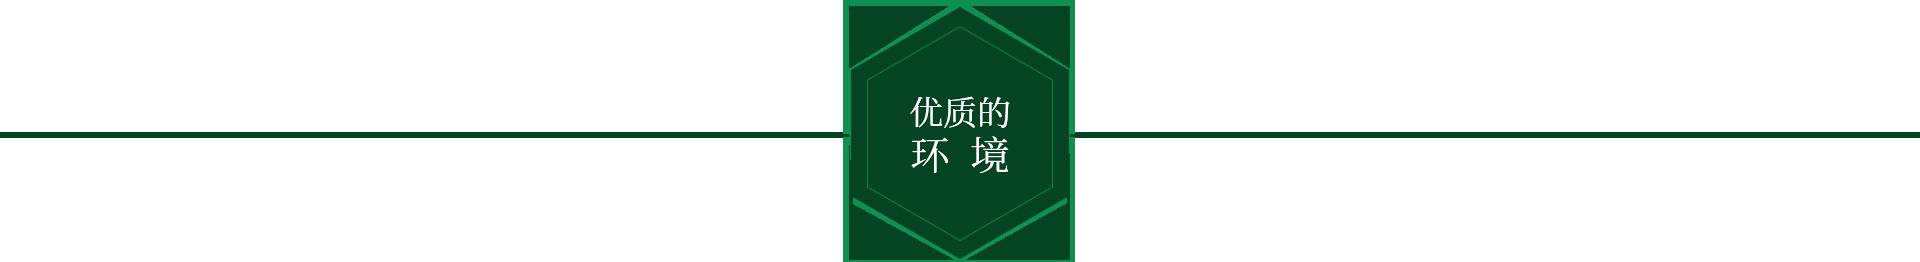 桂林周氏順發食品有限公司優質環境